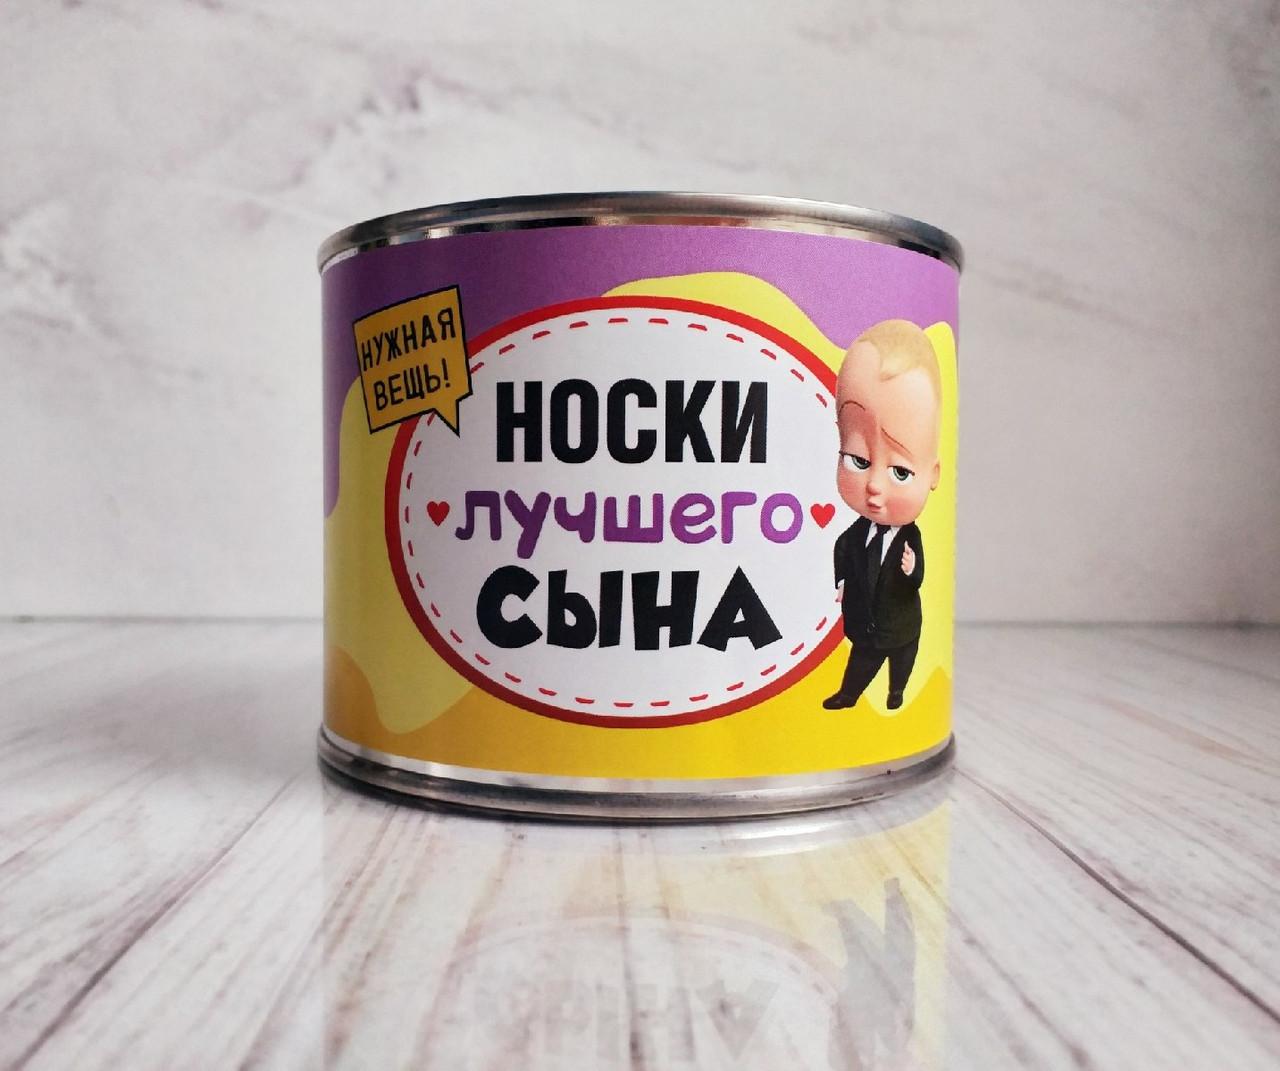 Носки в банке ЛУЧШИЙ СЫН